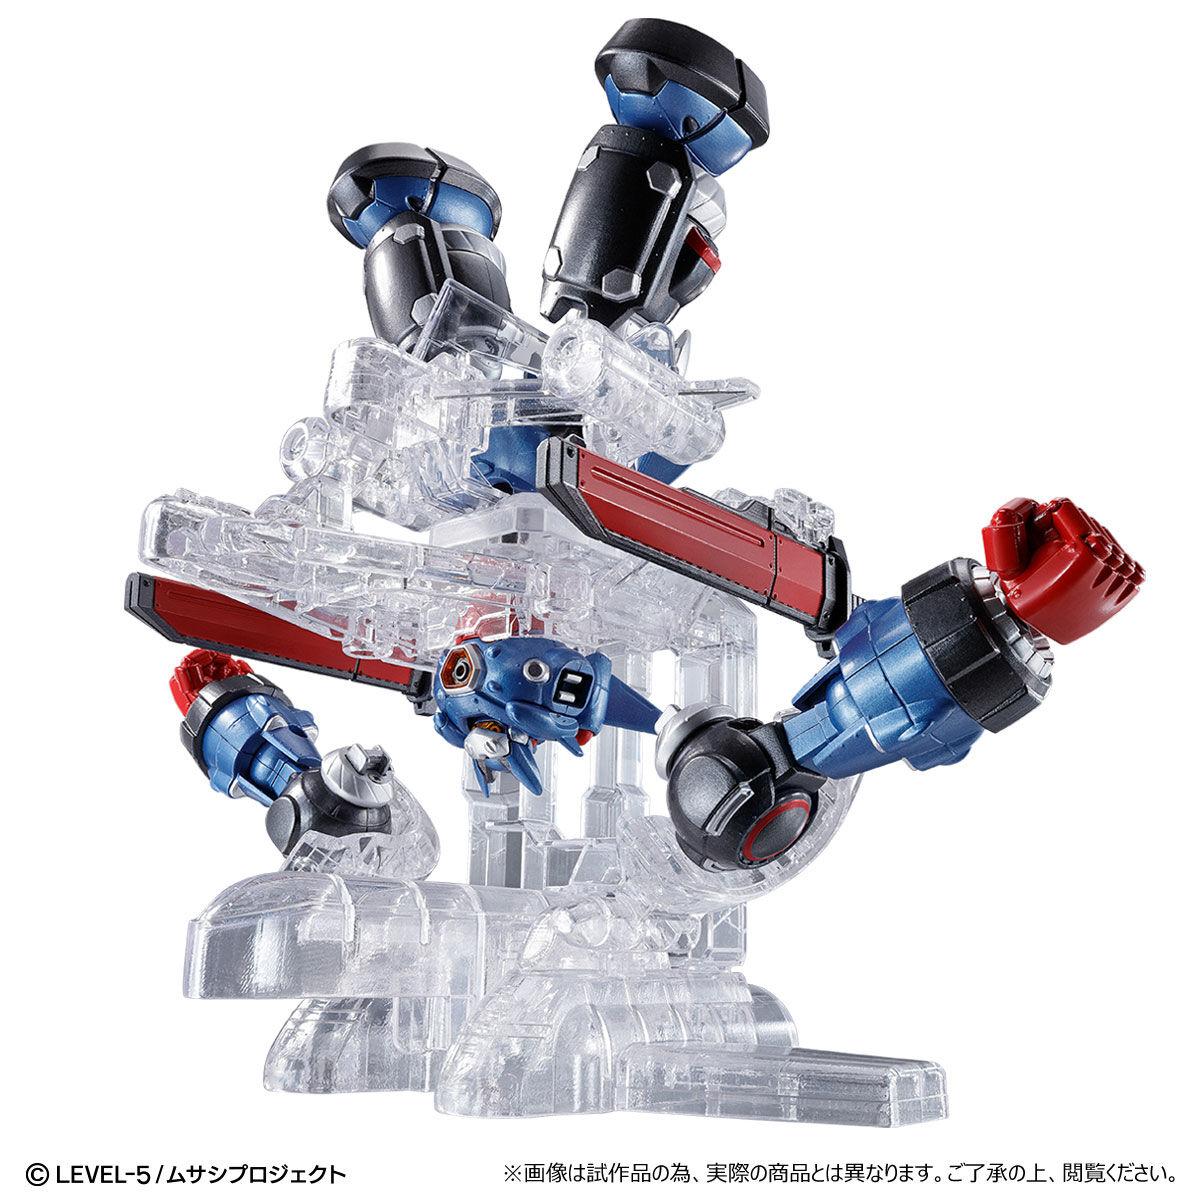 【限定販売】超弩級シリーズ『メガトン級ムサシ』可動フィギュア-008